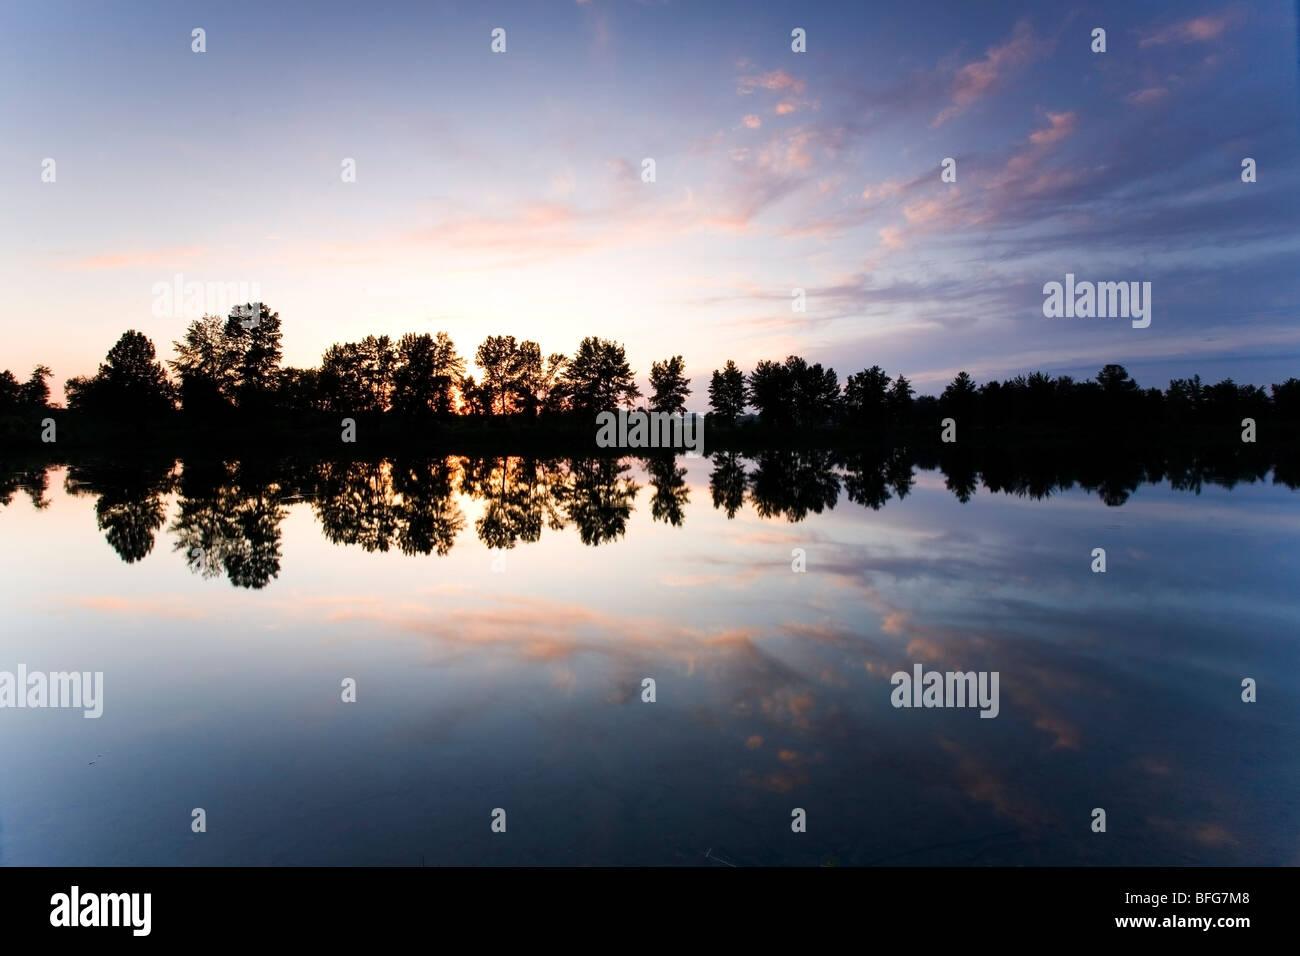 Wolken reflektieren in einem Fluss in Carburn Park in Calgary Alberta bei Sonnenuntergang. Stockbild